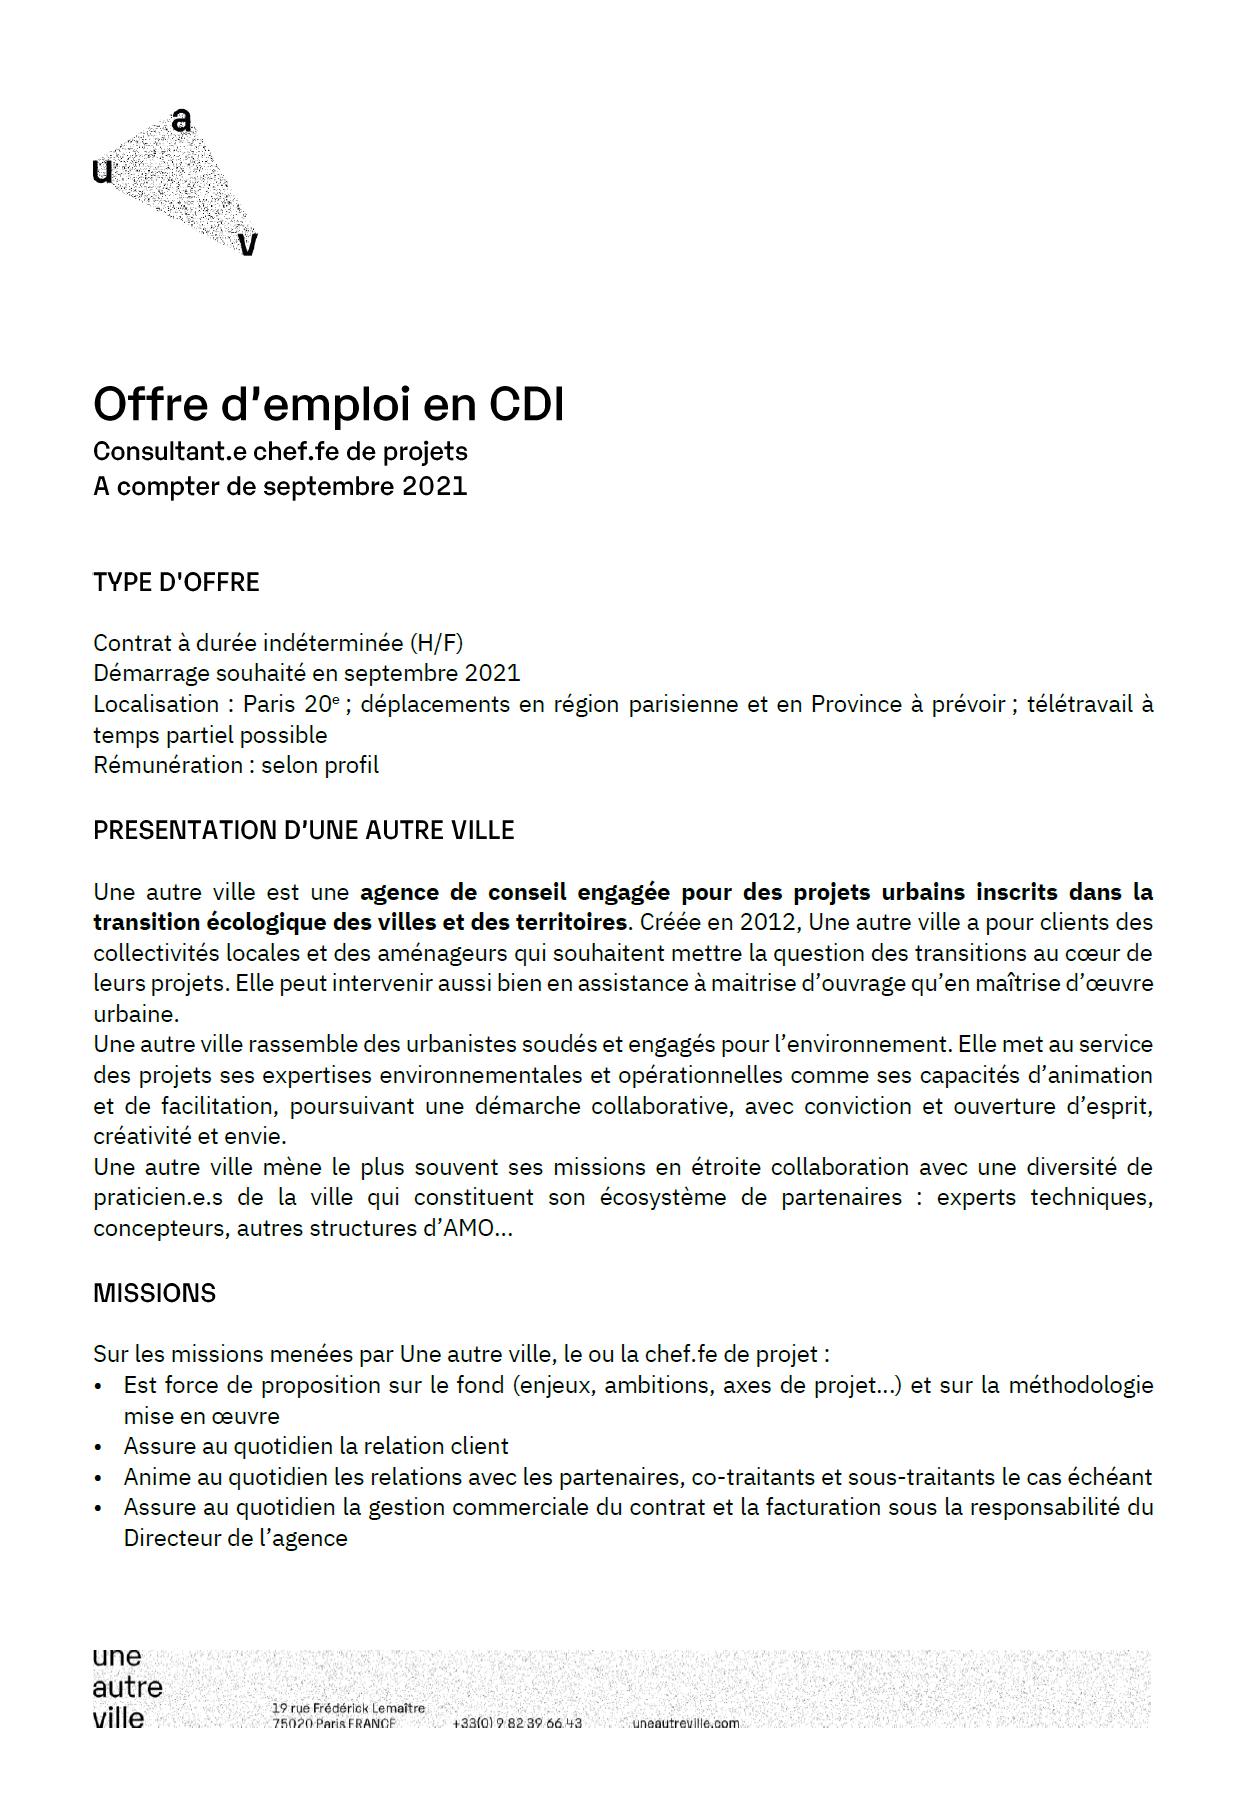 Offre d'emploi en CDI - Consultant.e chef.fe de projets (à compter de septembre 2021)